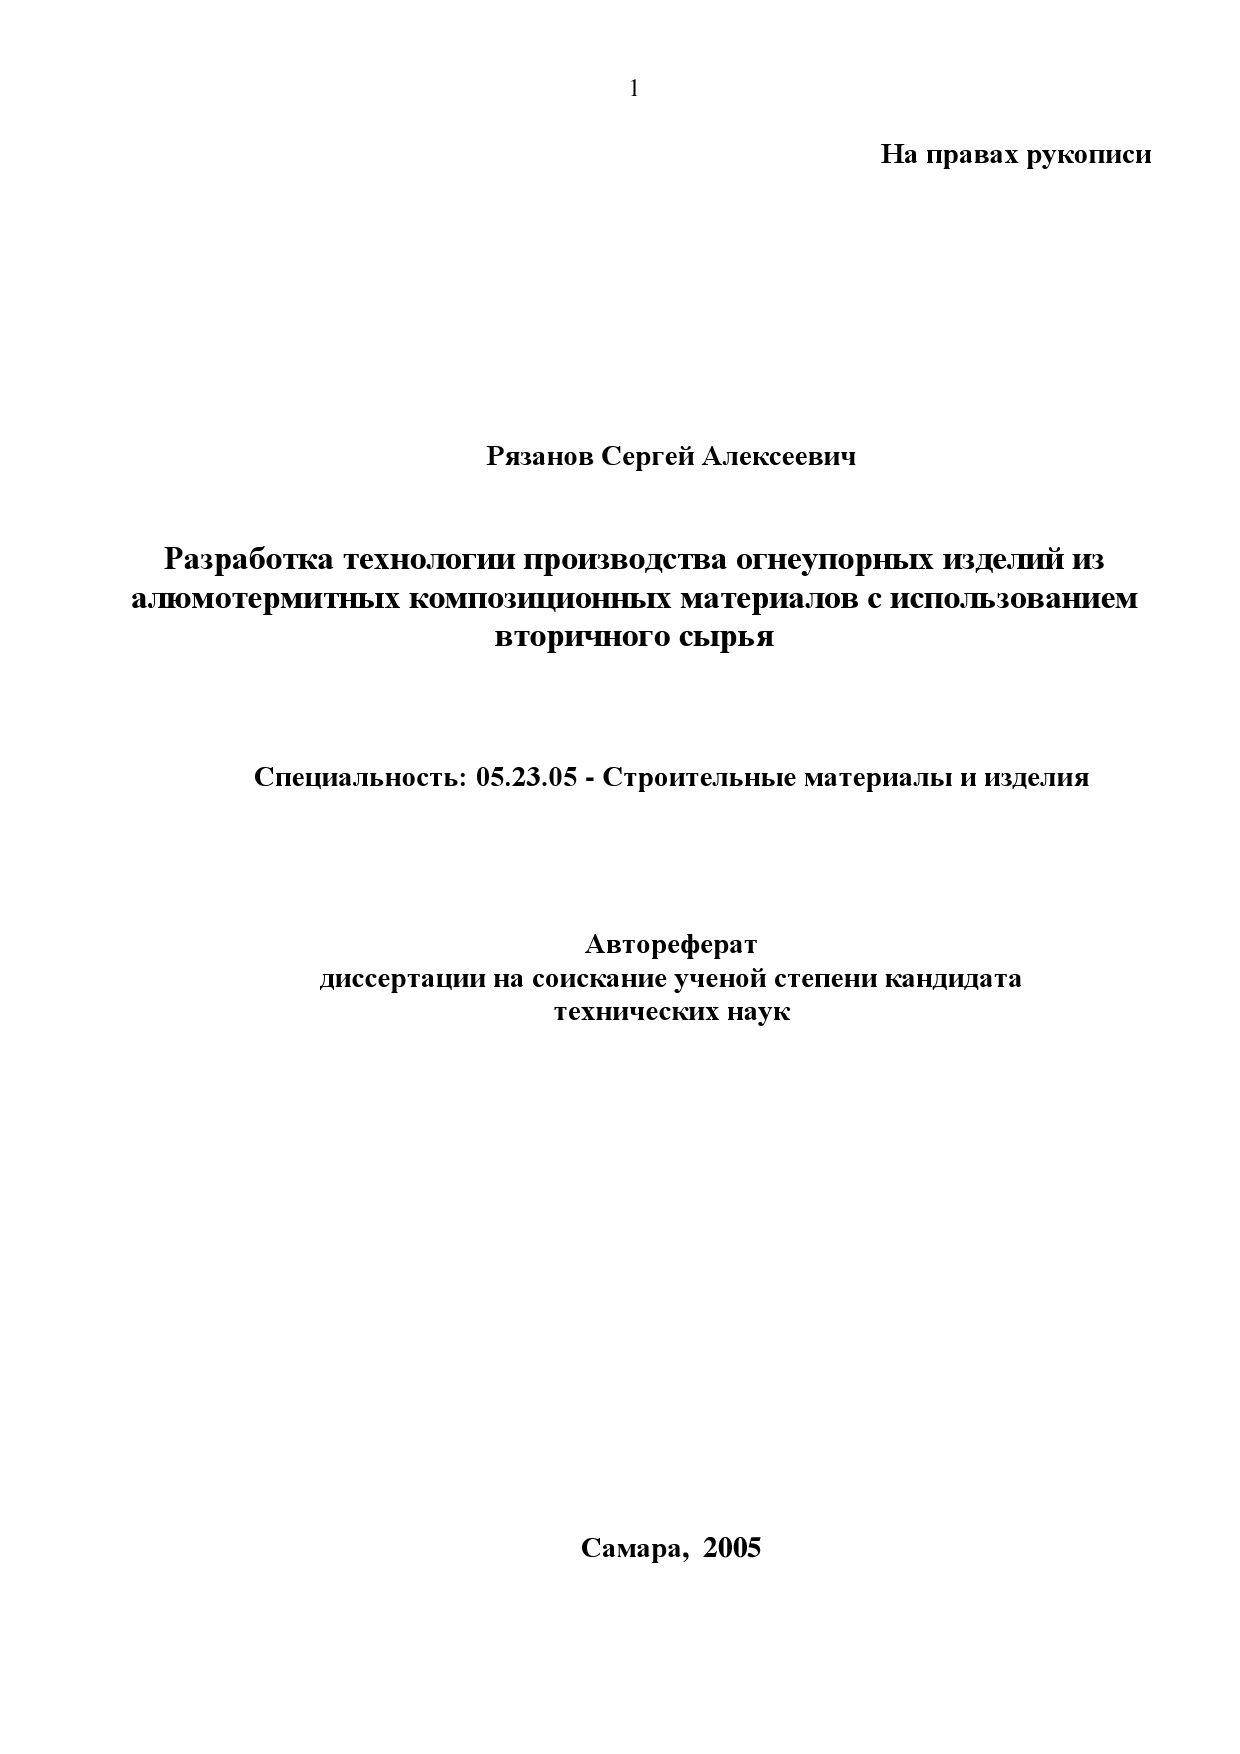 Автореферат кандидатской диссертации by alumo issuu